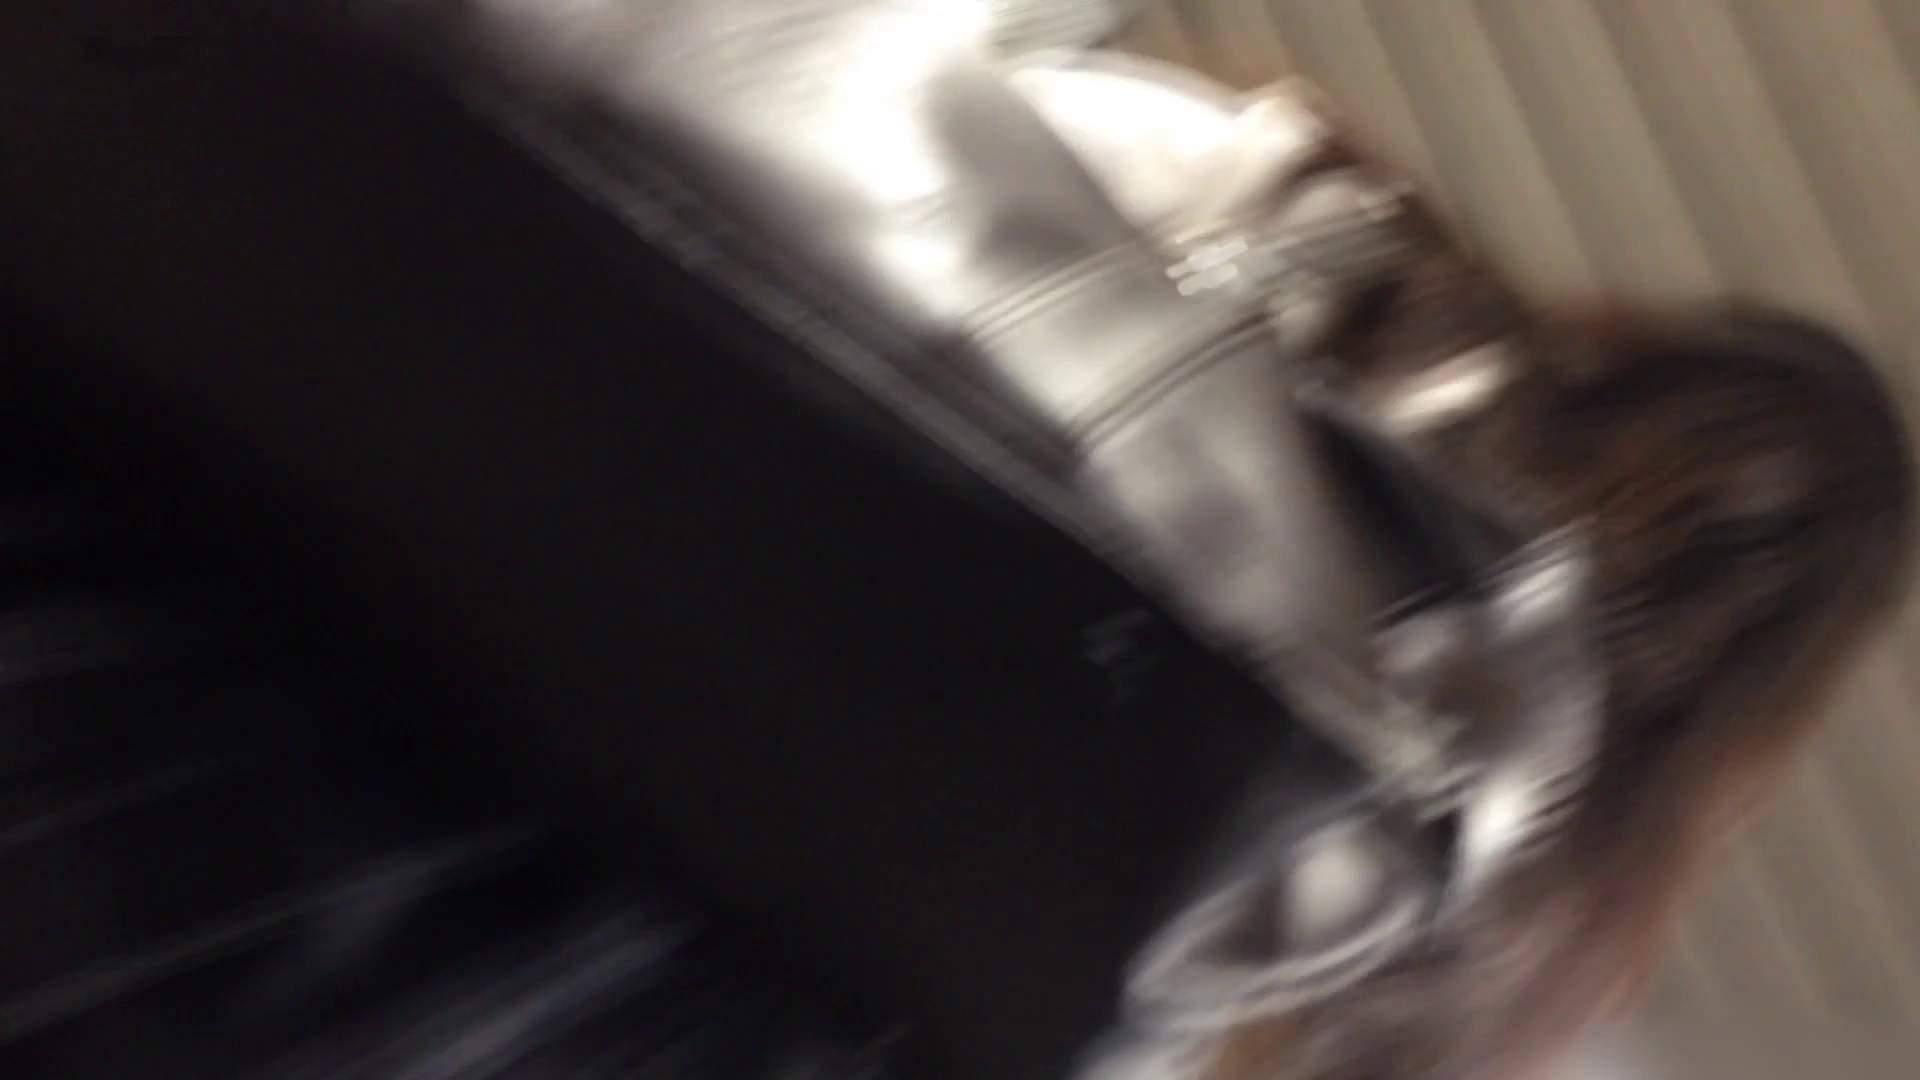 階段パンチラ Vol.08 エッチなOL AV無料動画キャプチャ 98枚 46